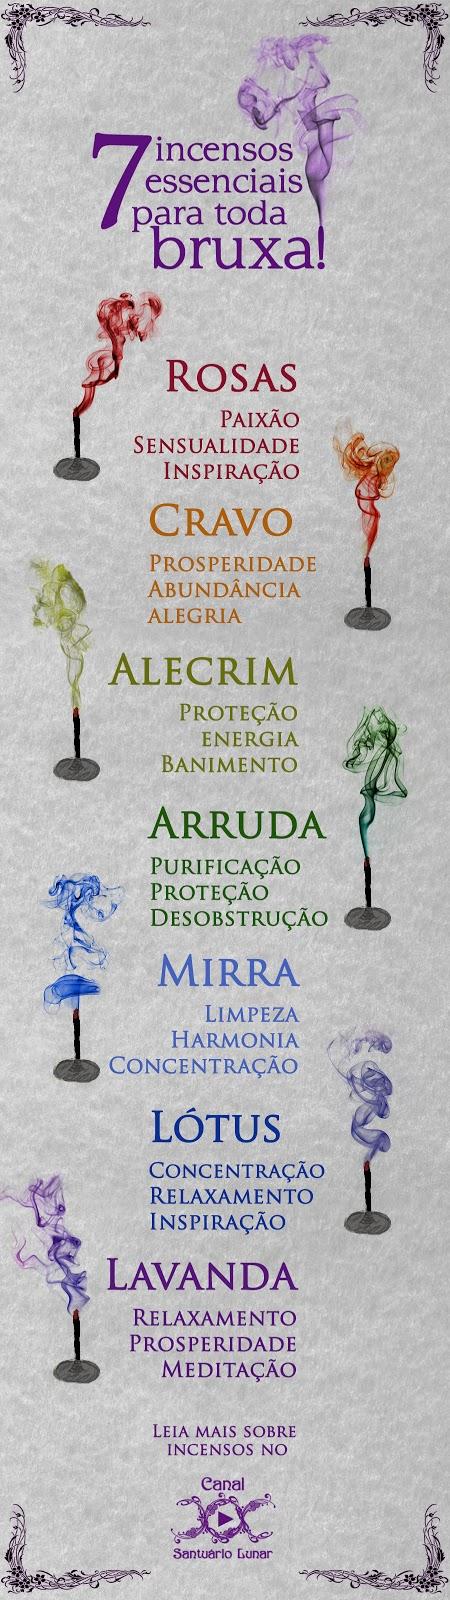 7 incensos essenciais para toda bruxa | Magia, Bruxaria, Paganismo, Wicca